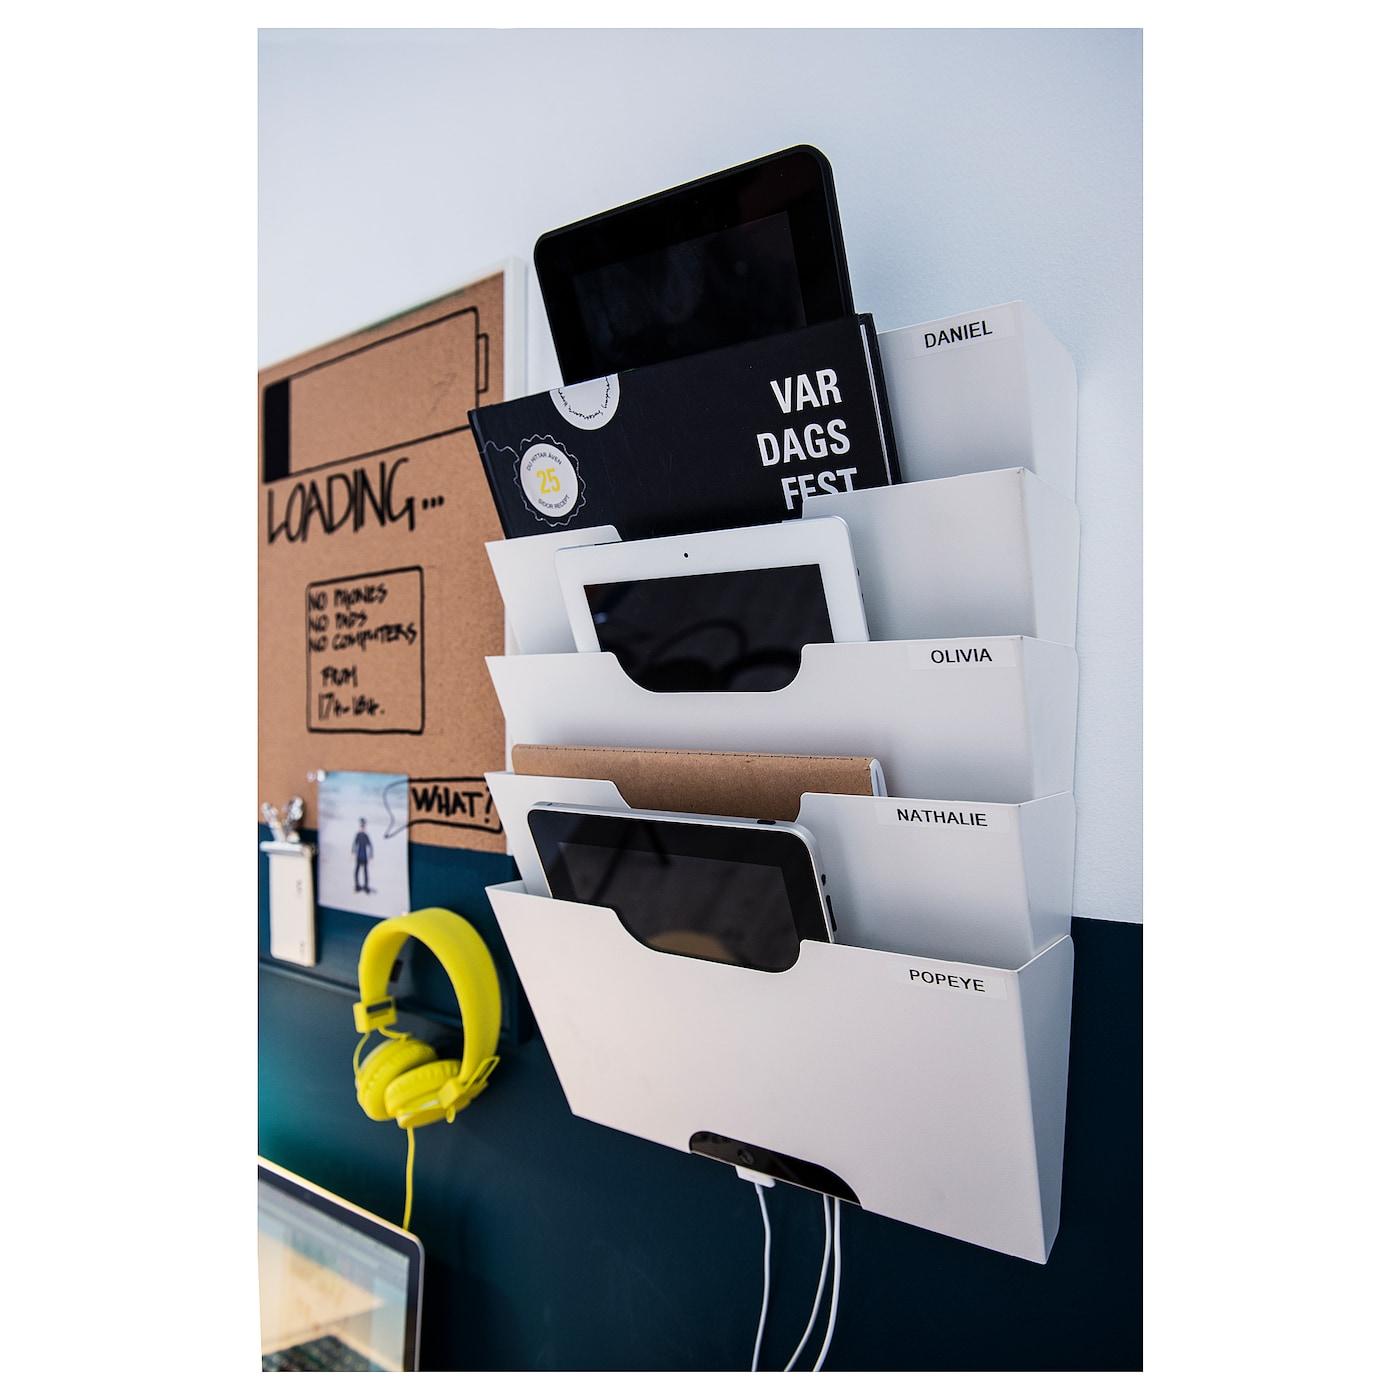 IkA Zeitungshalter für die Wand; in weiß Büro Aufbewahrung,46x34x9cm